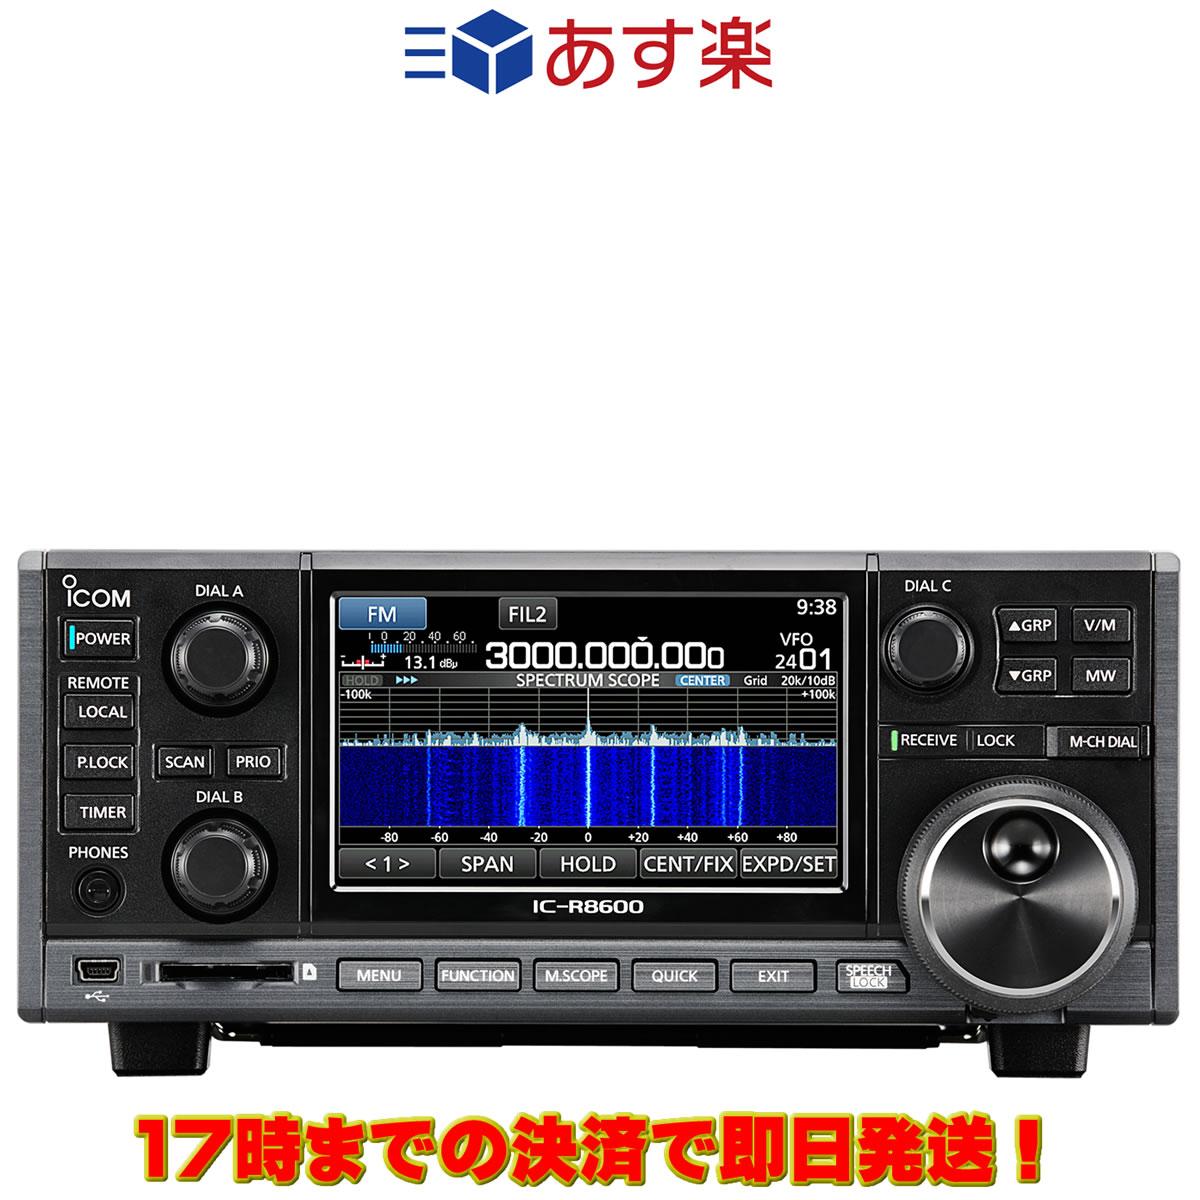 【ラッキーシール対応】 IC-R8600 コミュニケーションレシーバー 10kHz~3GHz